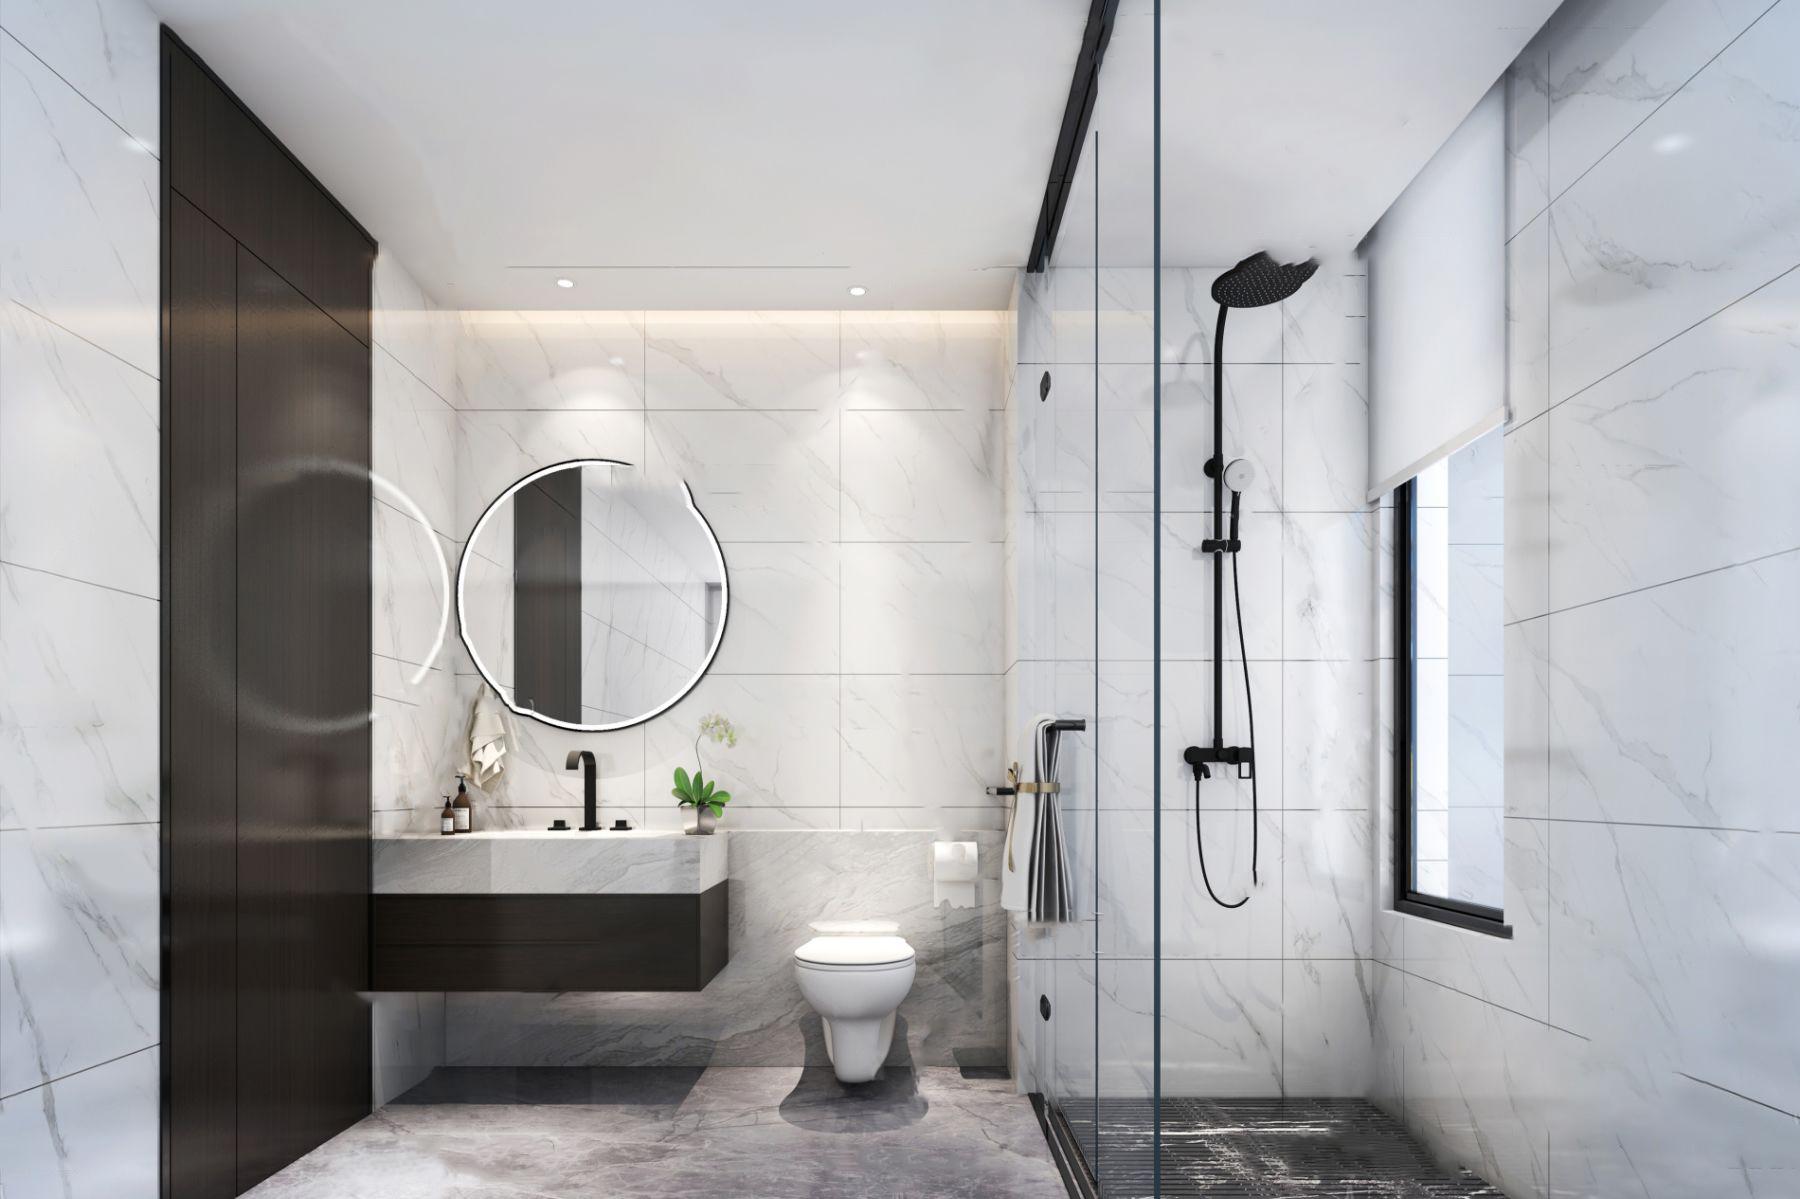 现代简约卫生间浴室3D模型【ID:542179585】